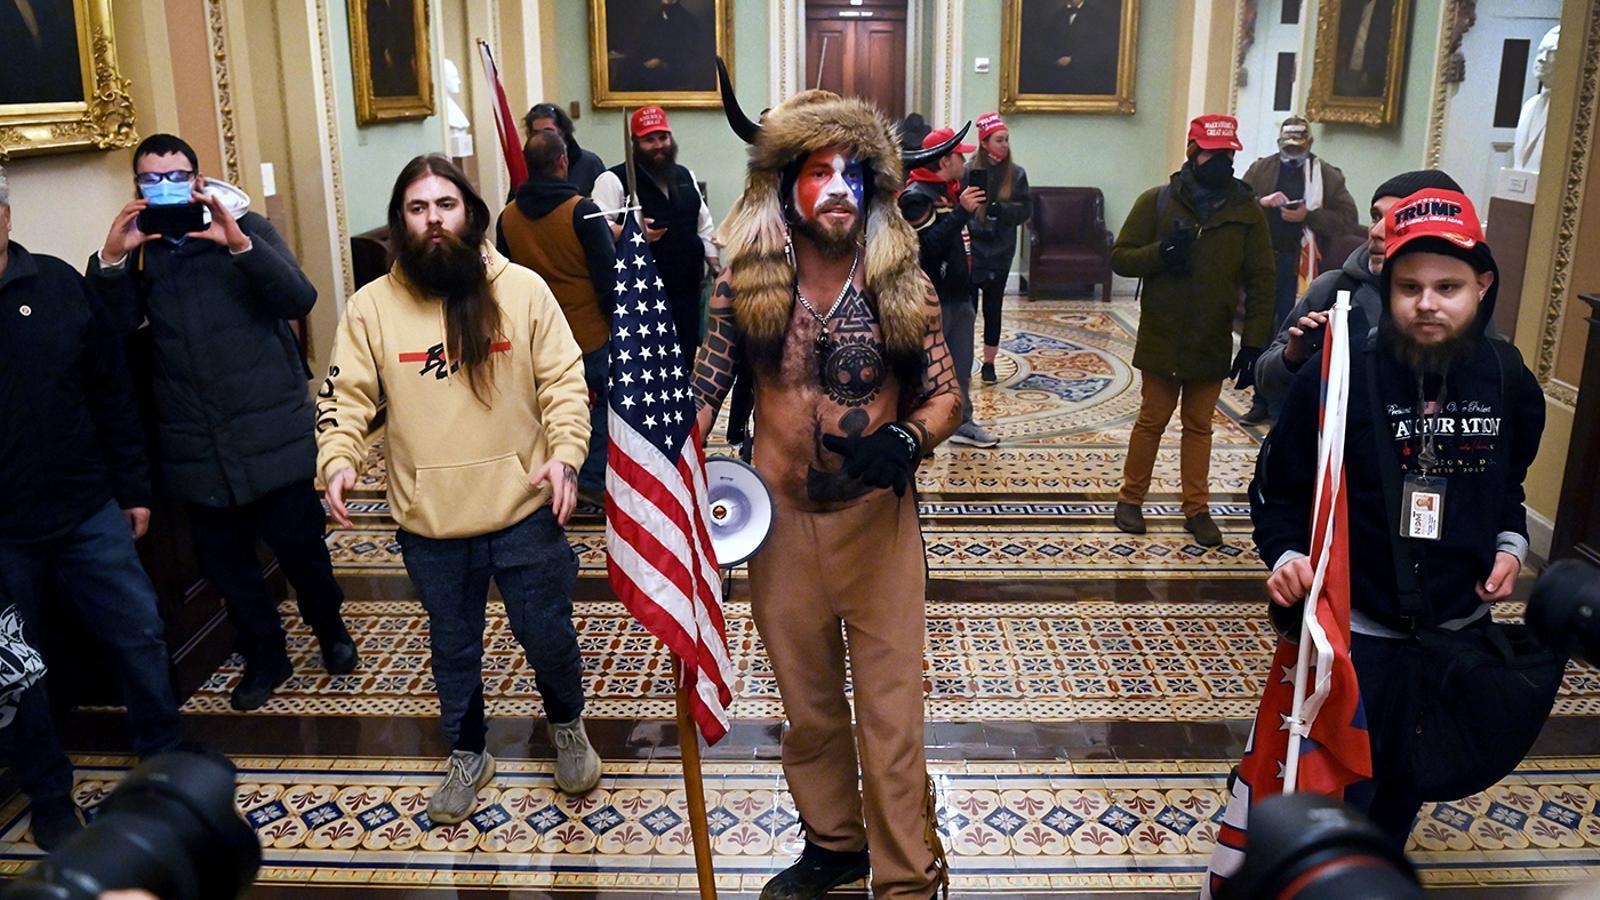 ¿Quién es Q Shaman, el hombre con cuernos y el torso desnudo que ha participado en el asalto al Capitolio?